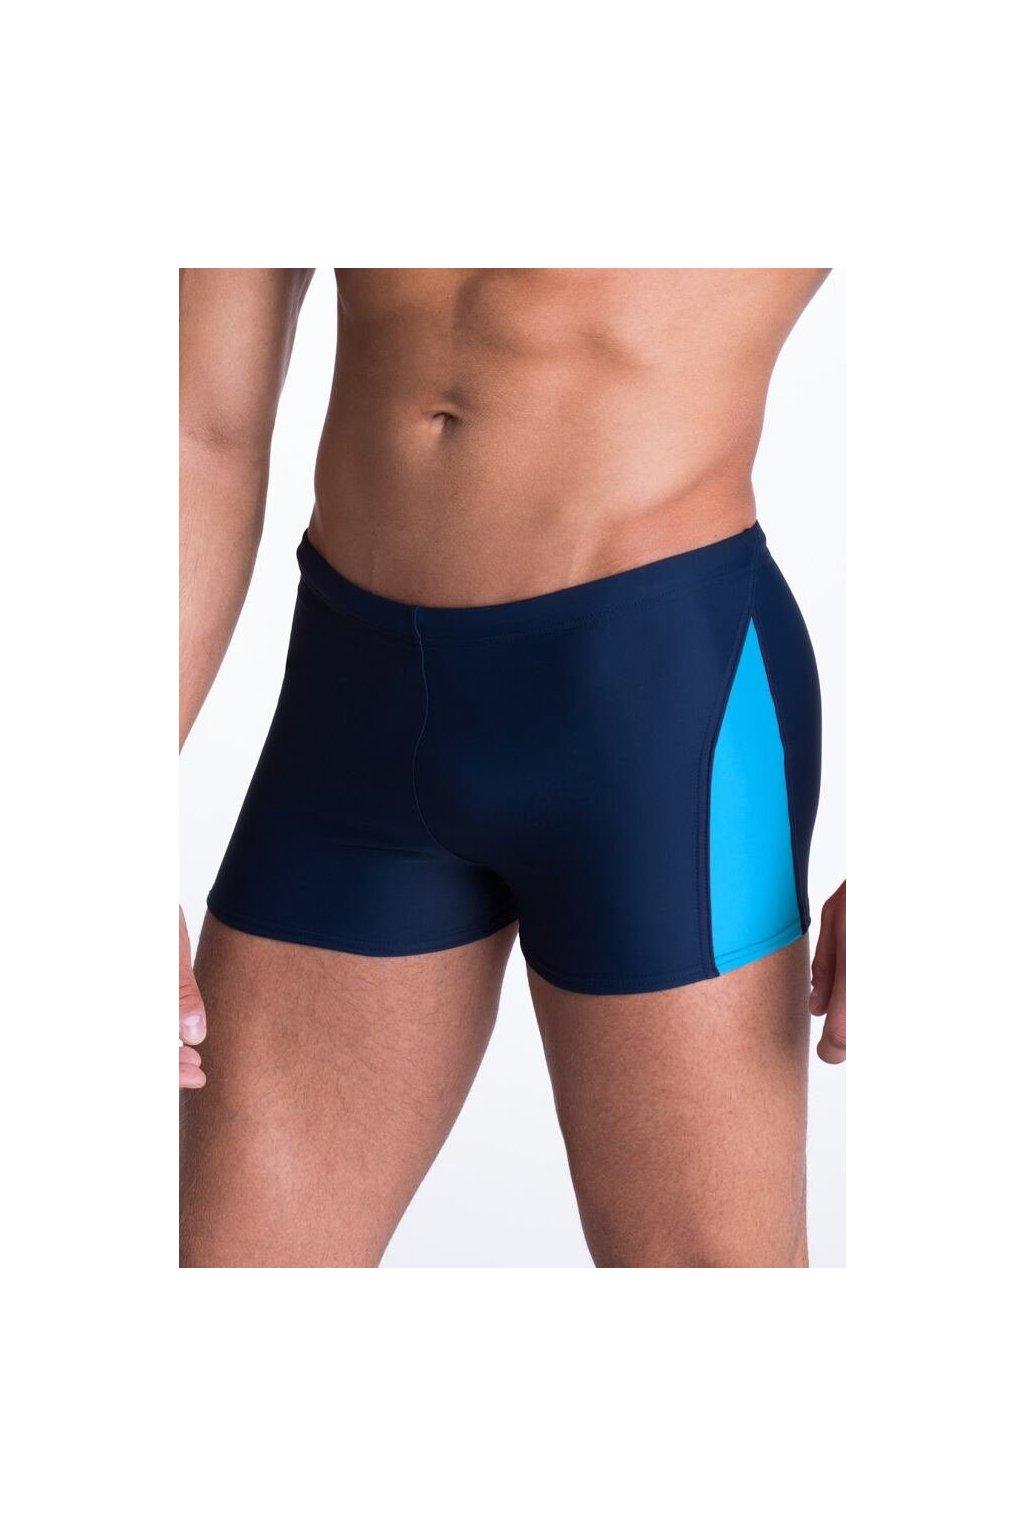 Pánské plavky boxerky David modré